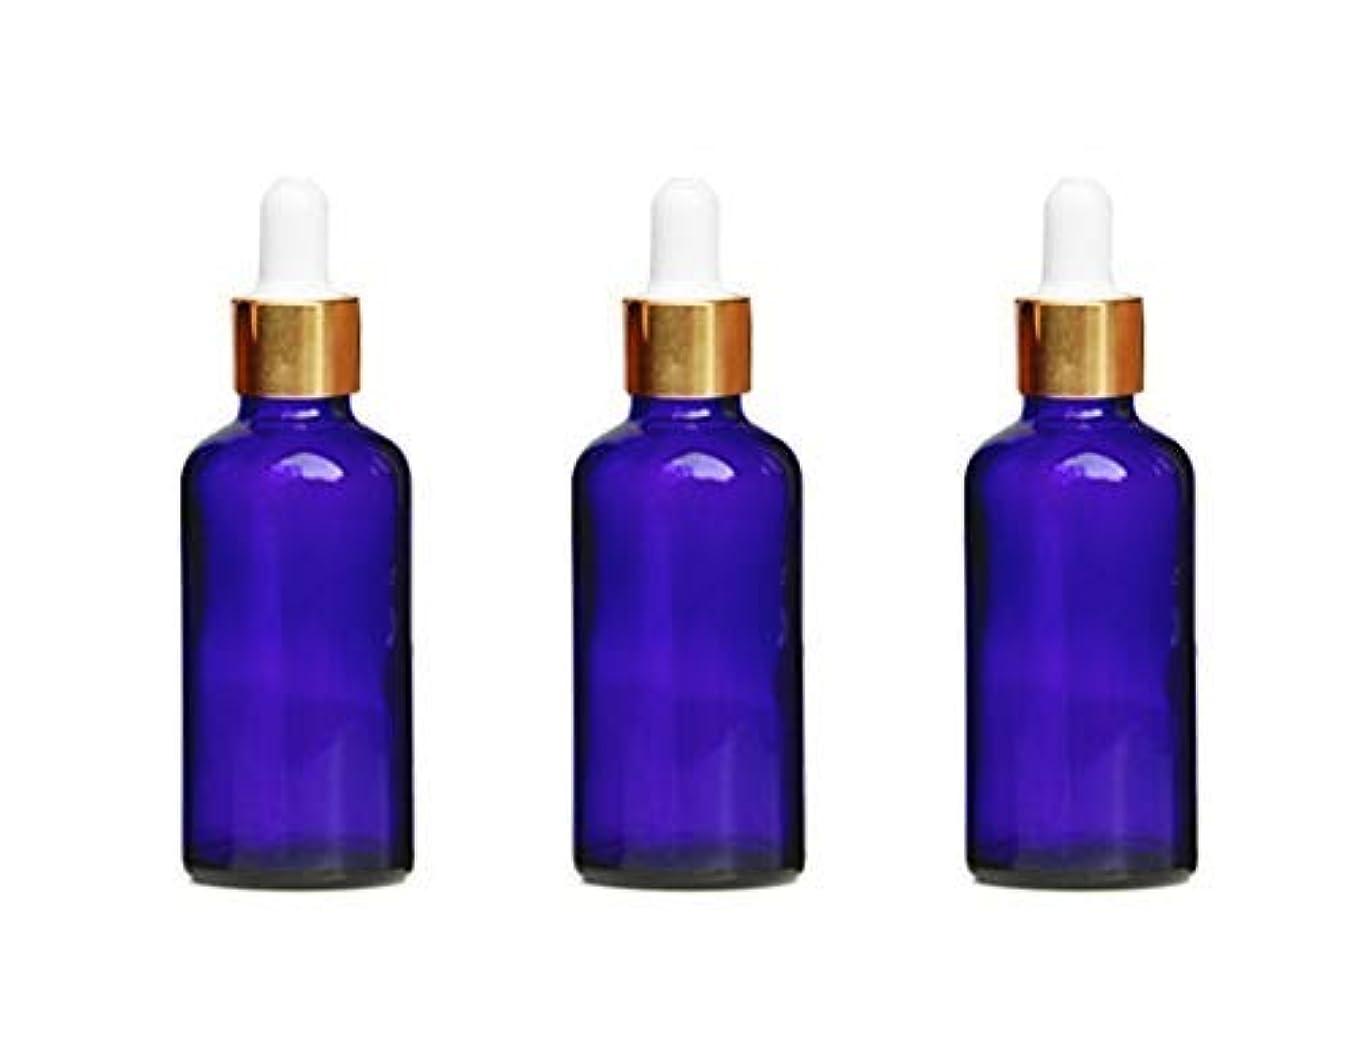 購入修道院役職3Pcs Blue Glass Essential Oil Dropper Bottles Empty Refillable Makeup Cosmetic Sample Container Jars With Glass...